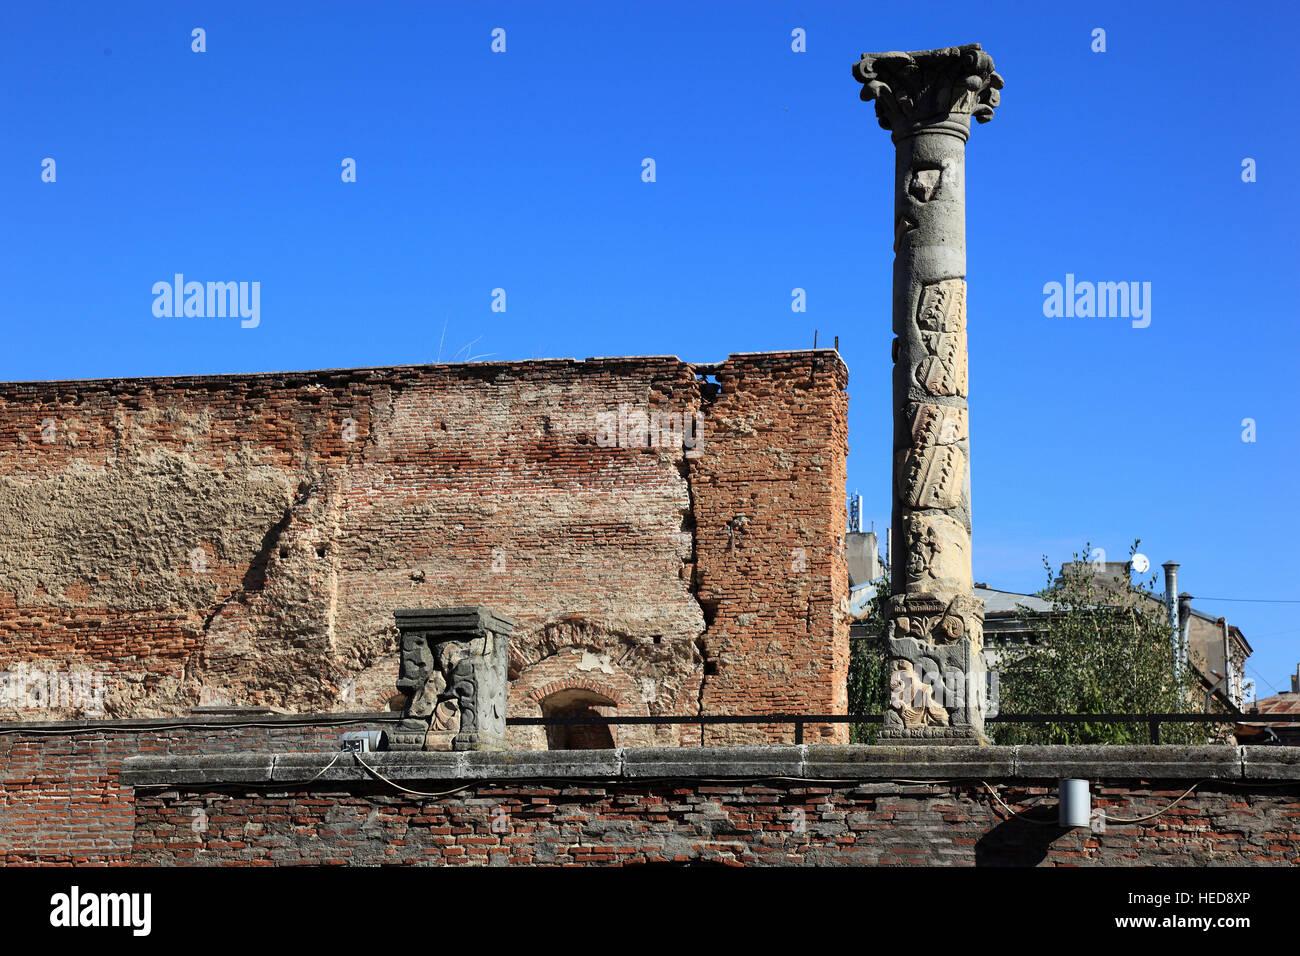 Rumänien, Bukarest, Zentrum, Historischen Altstadt, Curtea Veche, verändern Fürstenhof, erstellte Stockbild